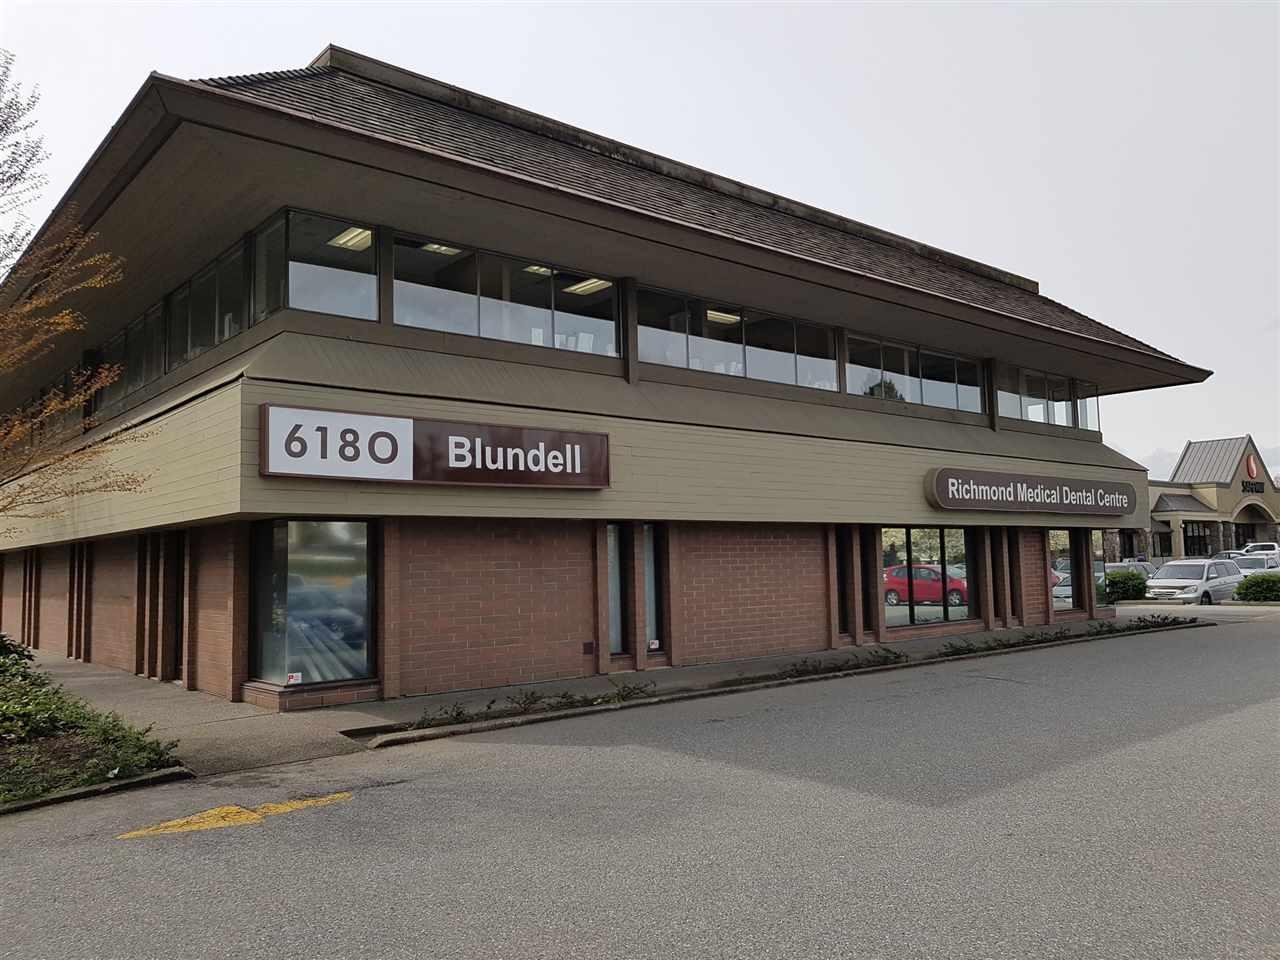 172 6180 BLUNDELL ROAD, Richmond, BC | MLS® # C8018343